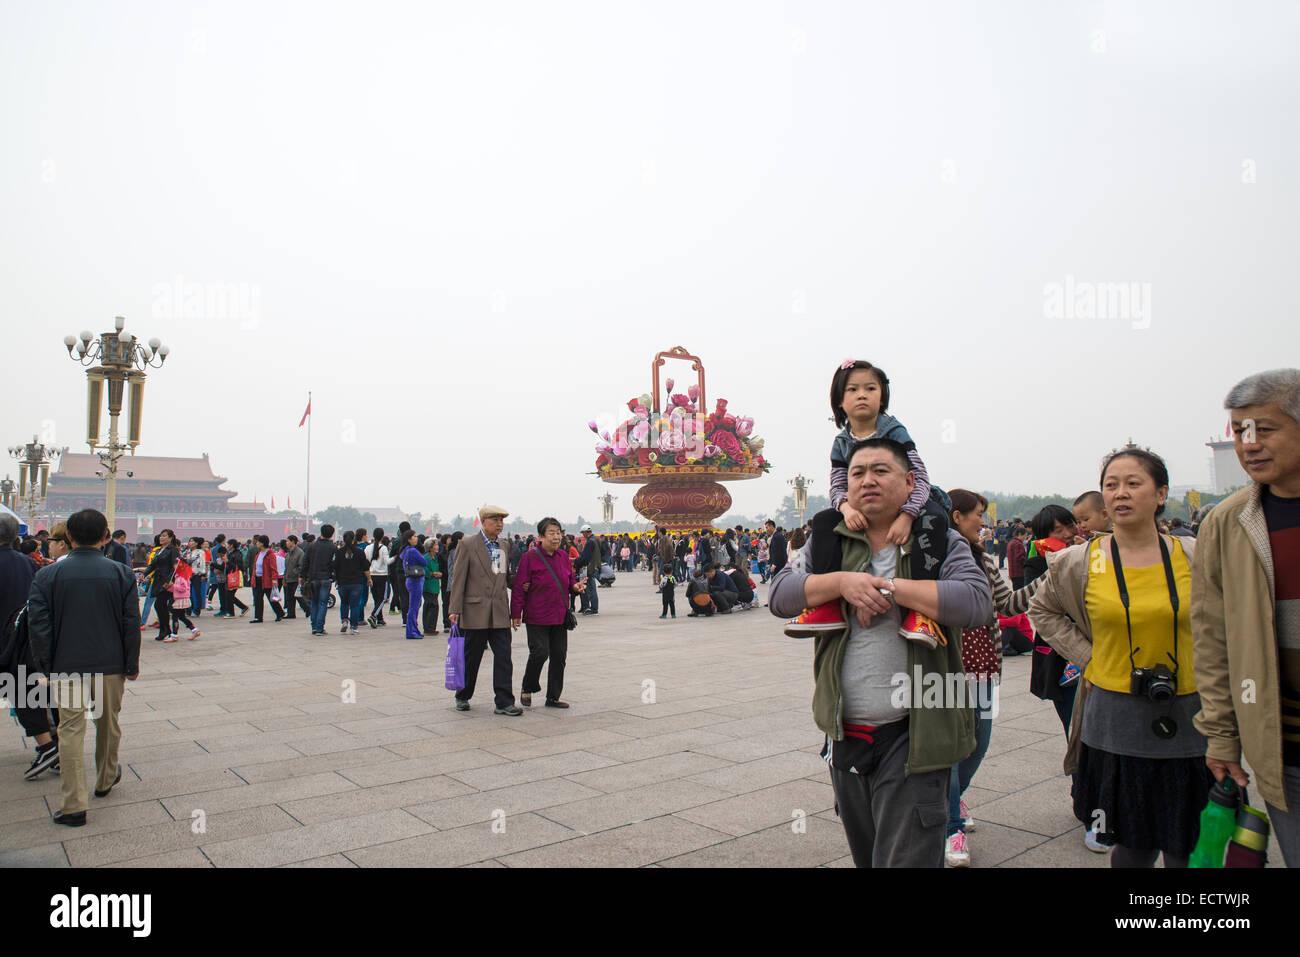 Durante el feriado en la plaza de Tiananmen, Pekín, China Foto de stock